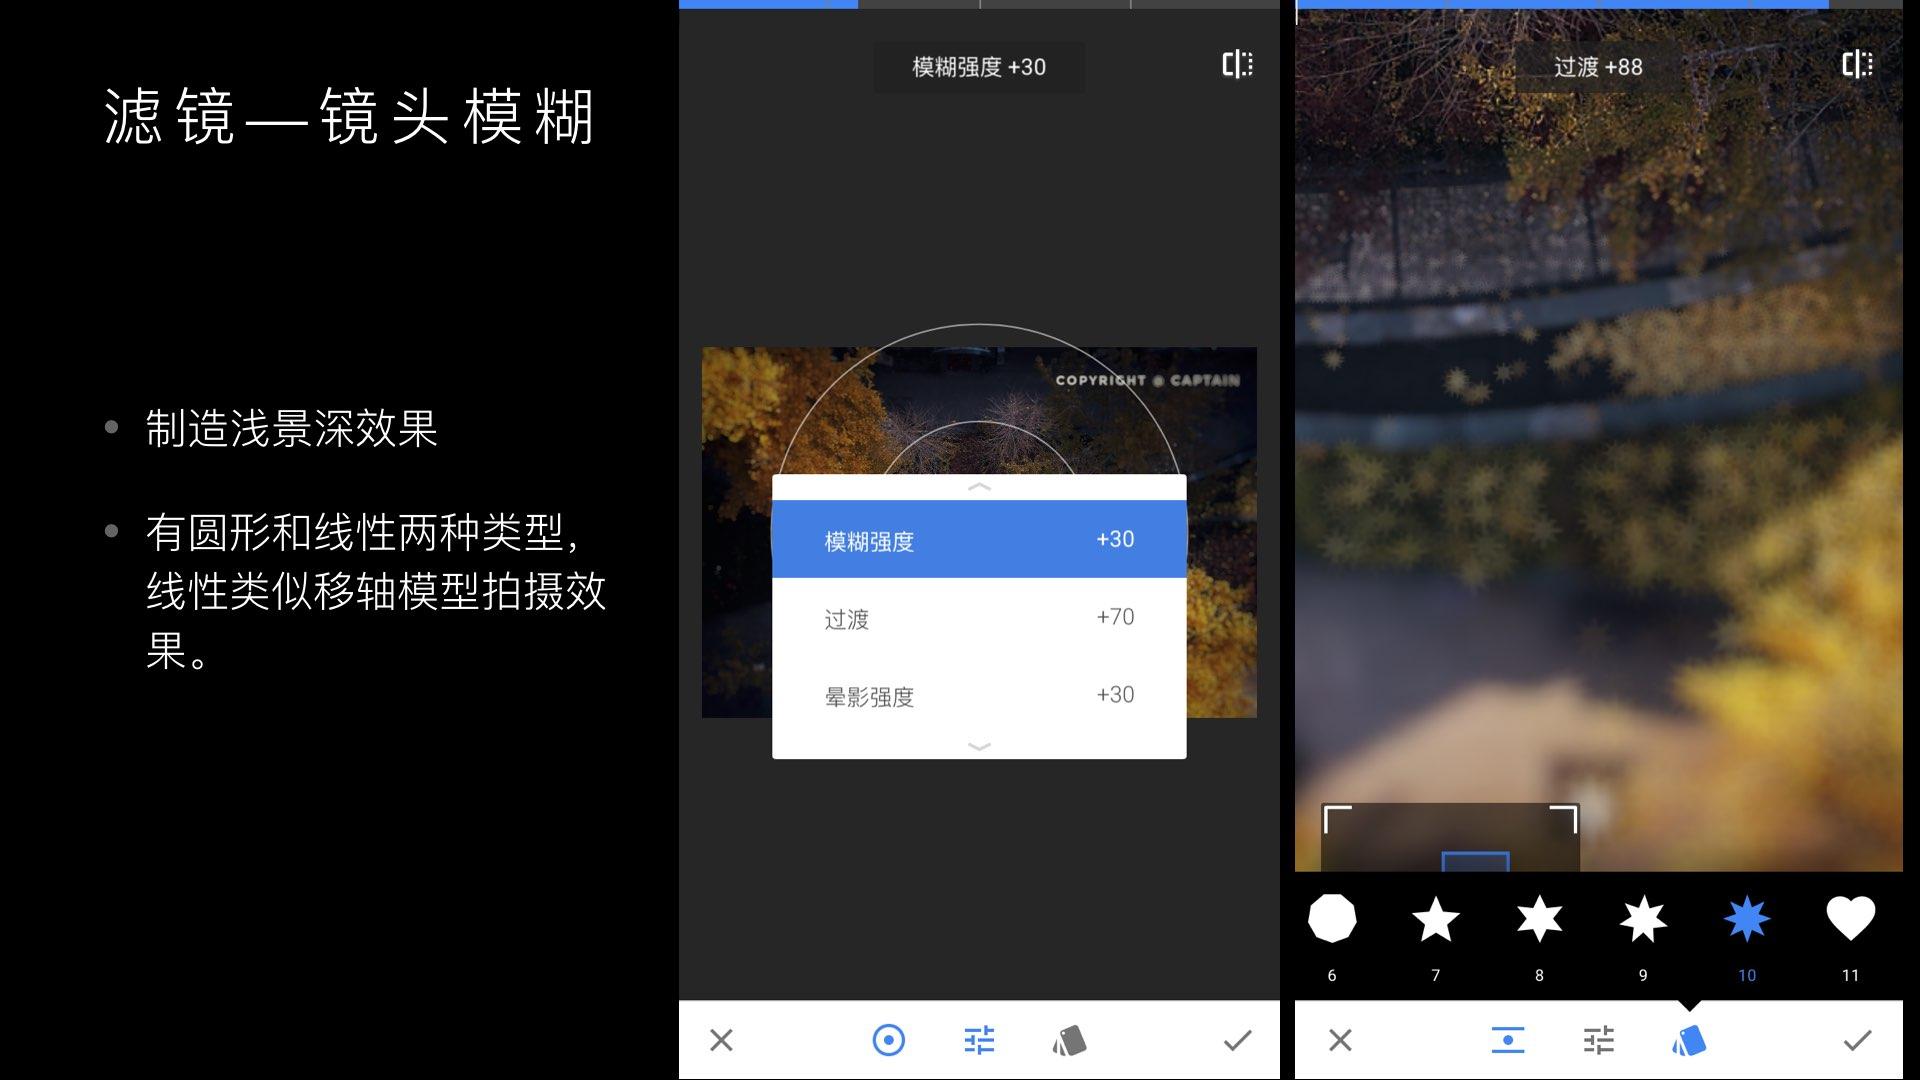 化腐朽为神奇,Snapseed图片编辑教程.022.jpeg